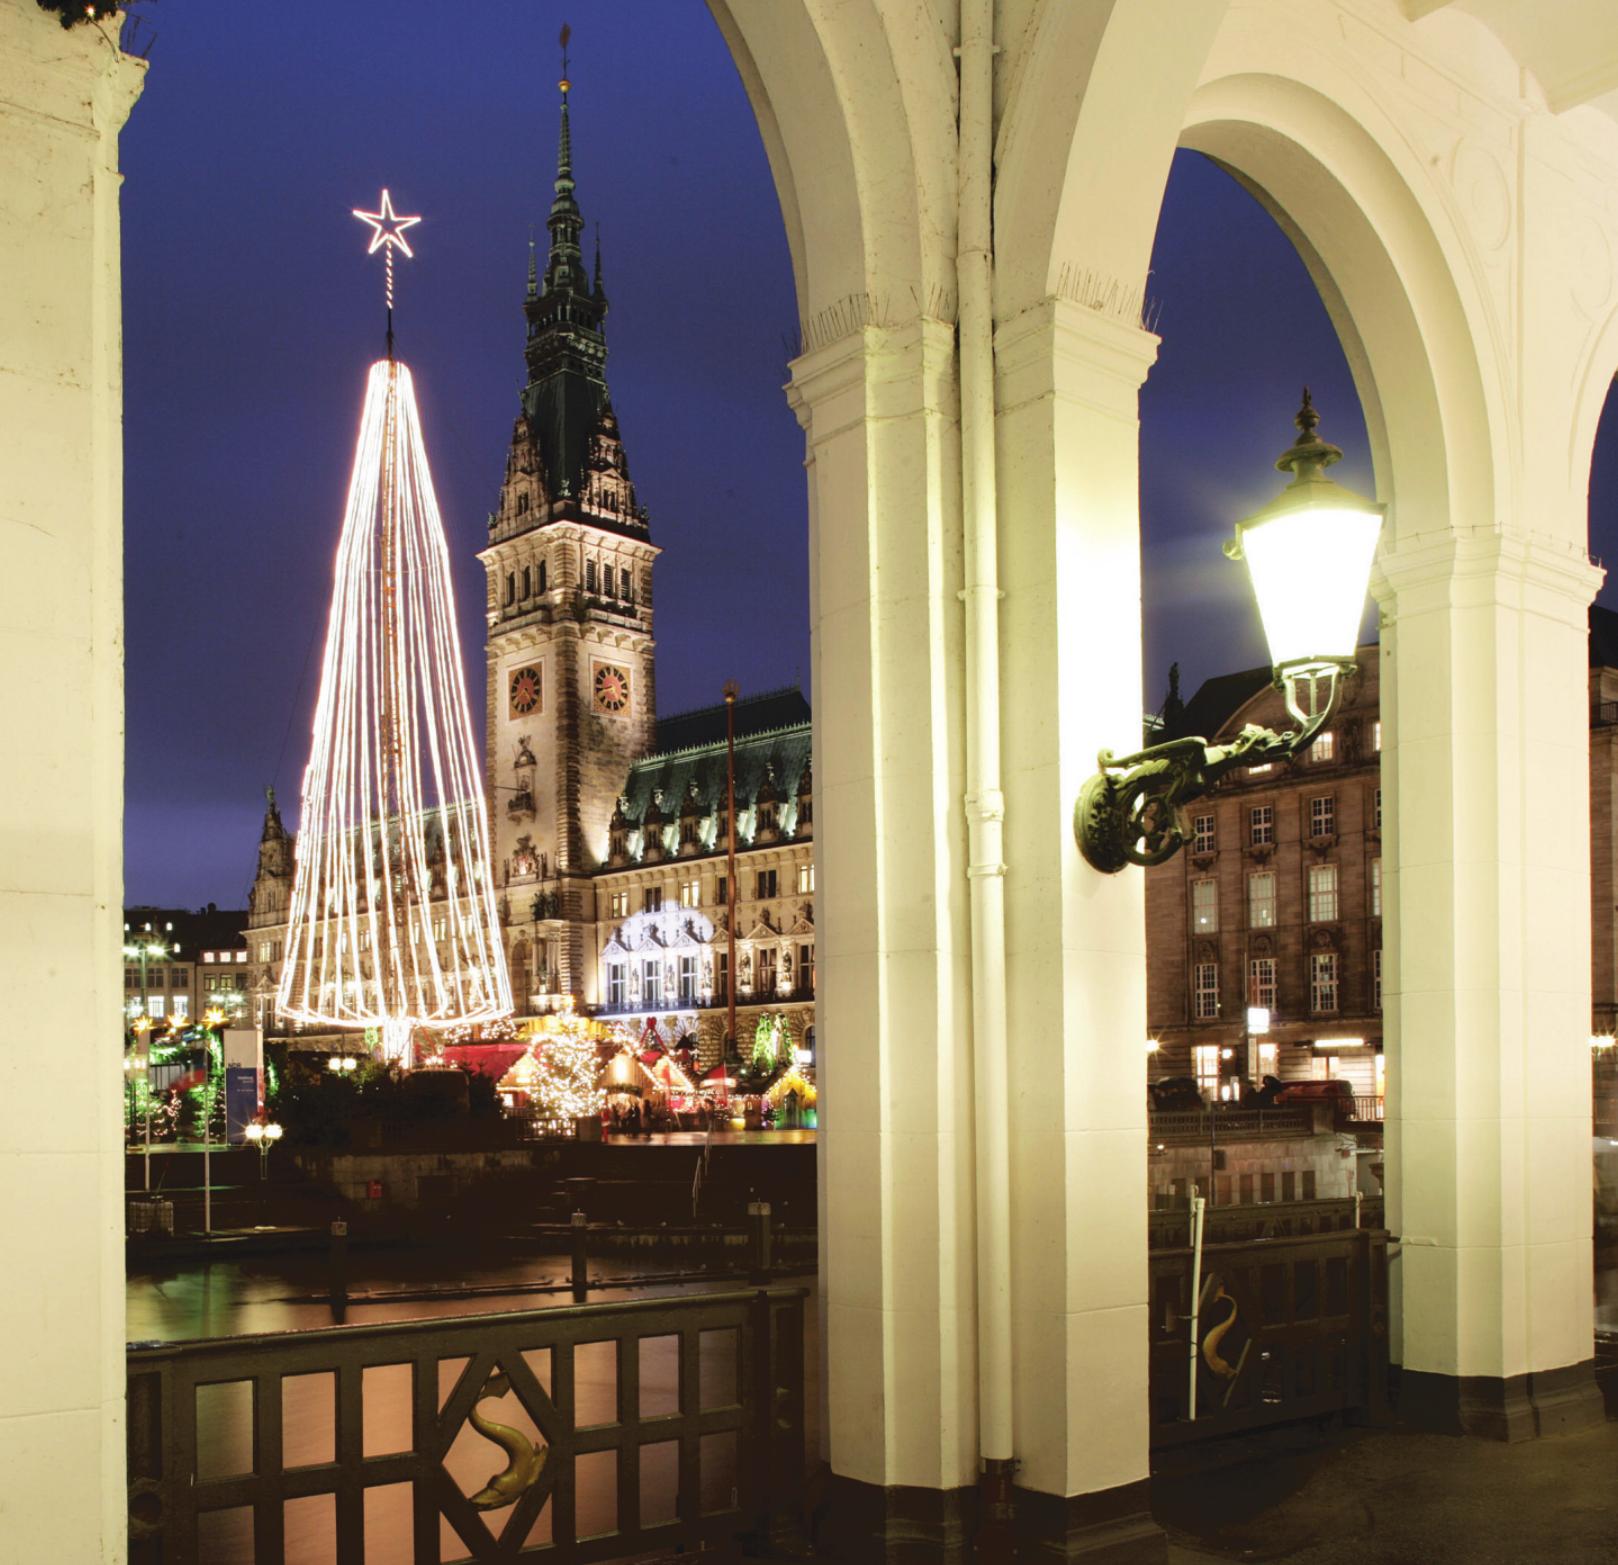 Der Blick von den Alsterarkaden über Binnenalster Richtung Rathaus-Weihnachtsmarkt. Foto: Christian Sparbier